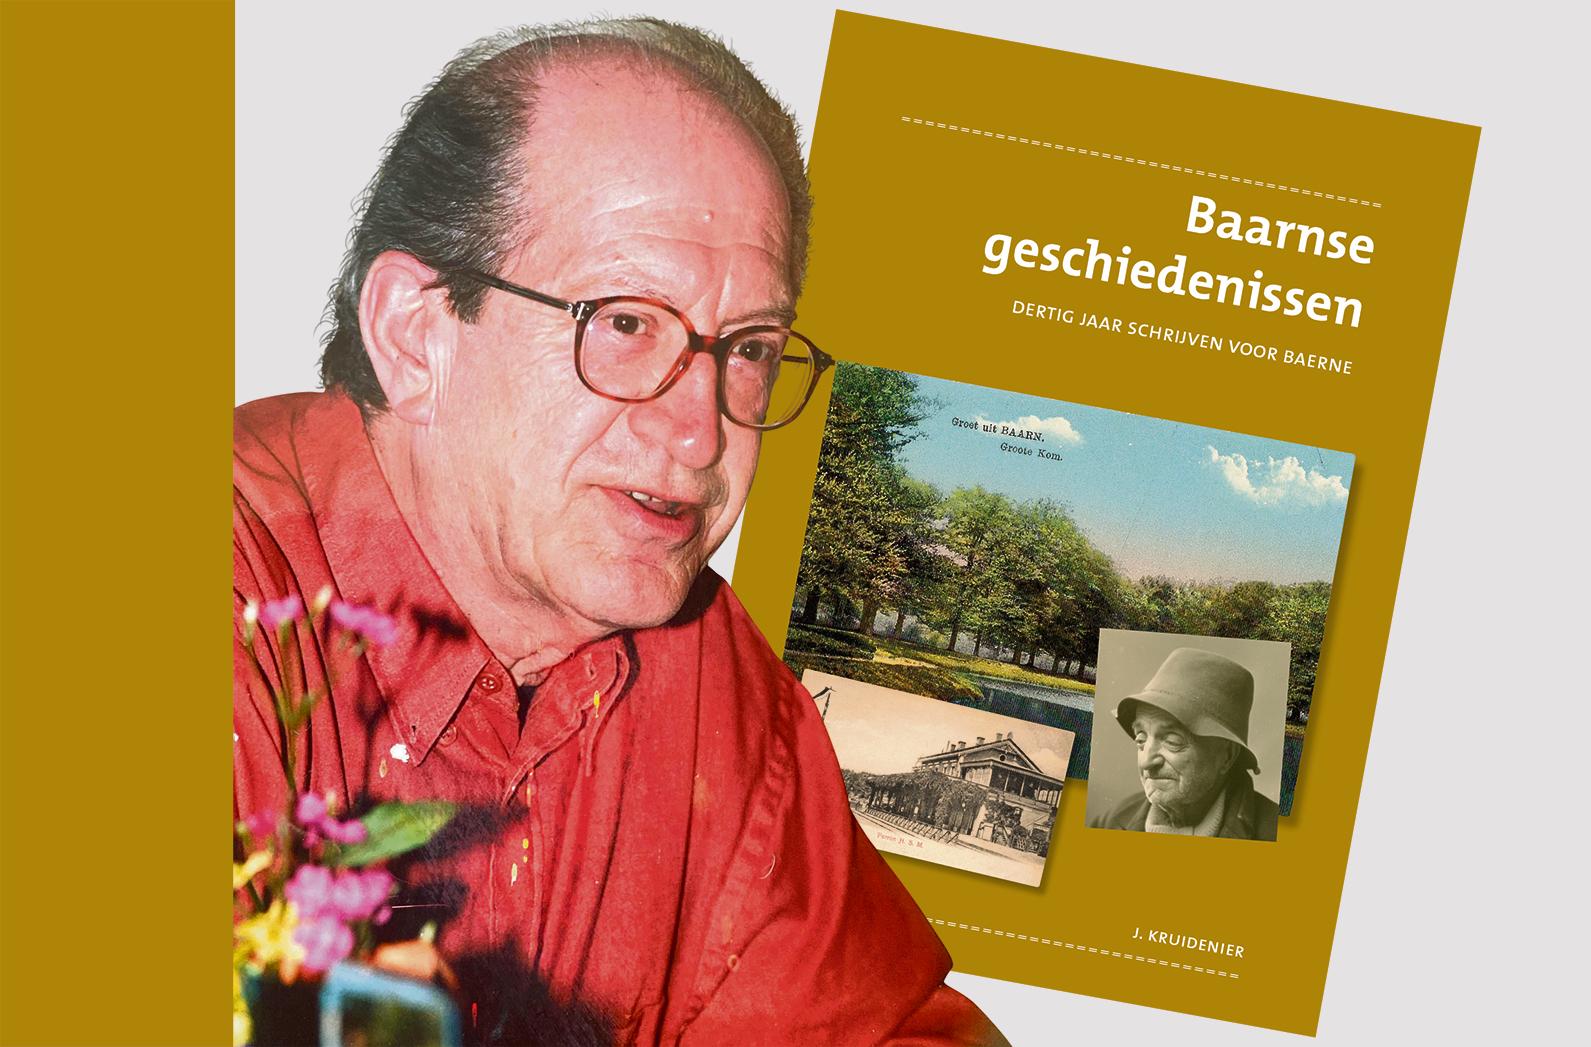 Een bundel vol Baarnse geschiedenissen van Jaap Kruidenier; Over de zus van Van Gogh, de jonge jaren van Hella Haasse, vergeetachtige agenten en ga zo maar door